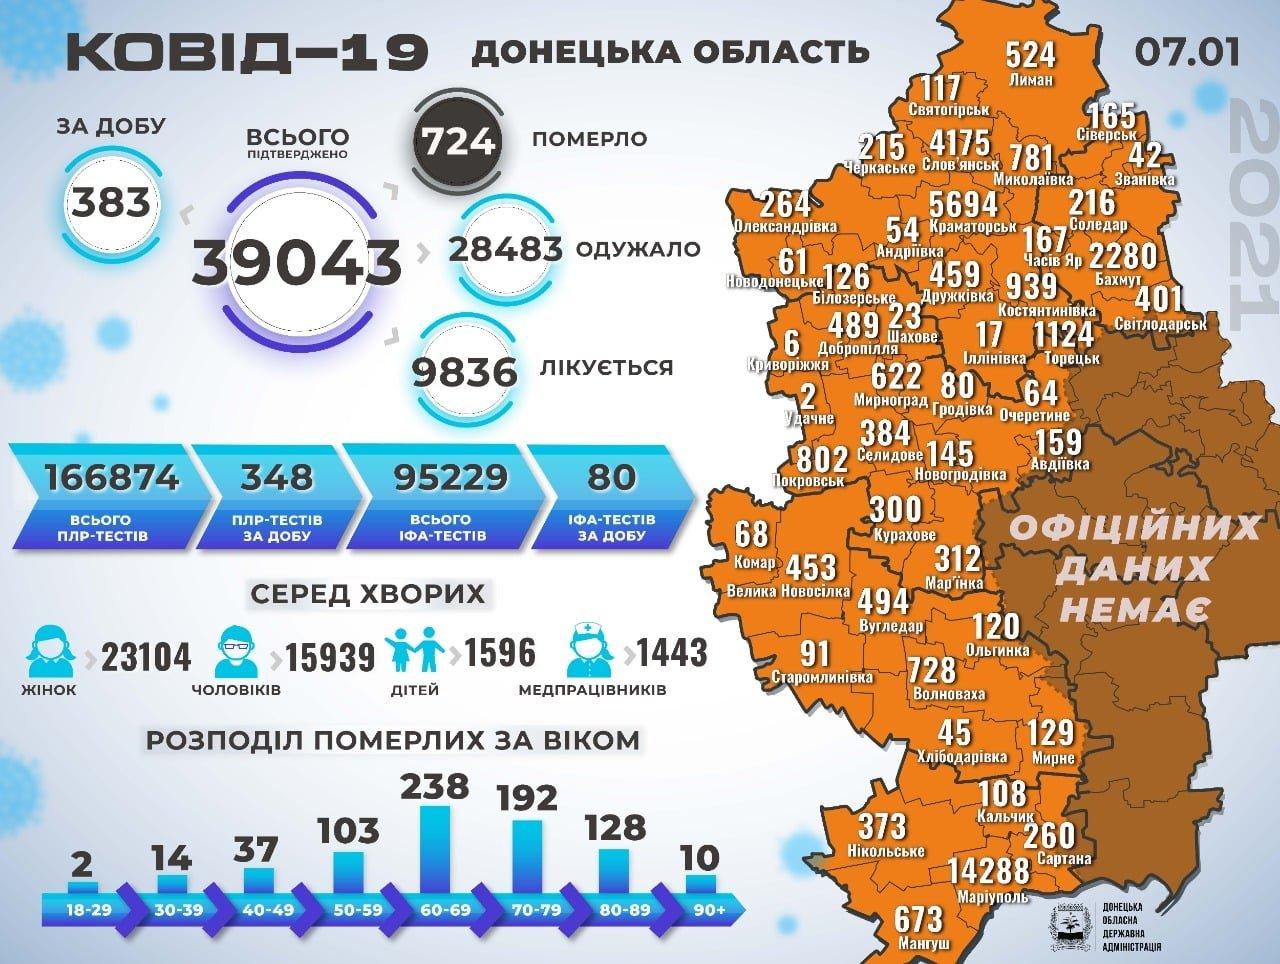 В Донецкой области 383 новых случаев коронавируса, фото-1